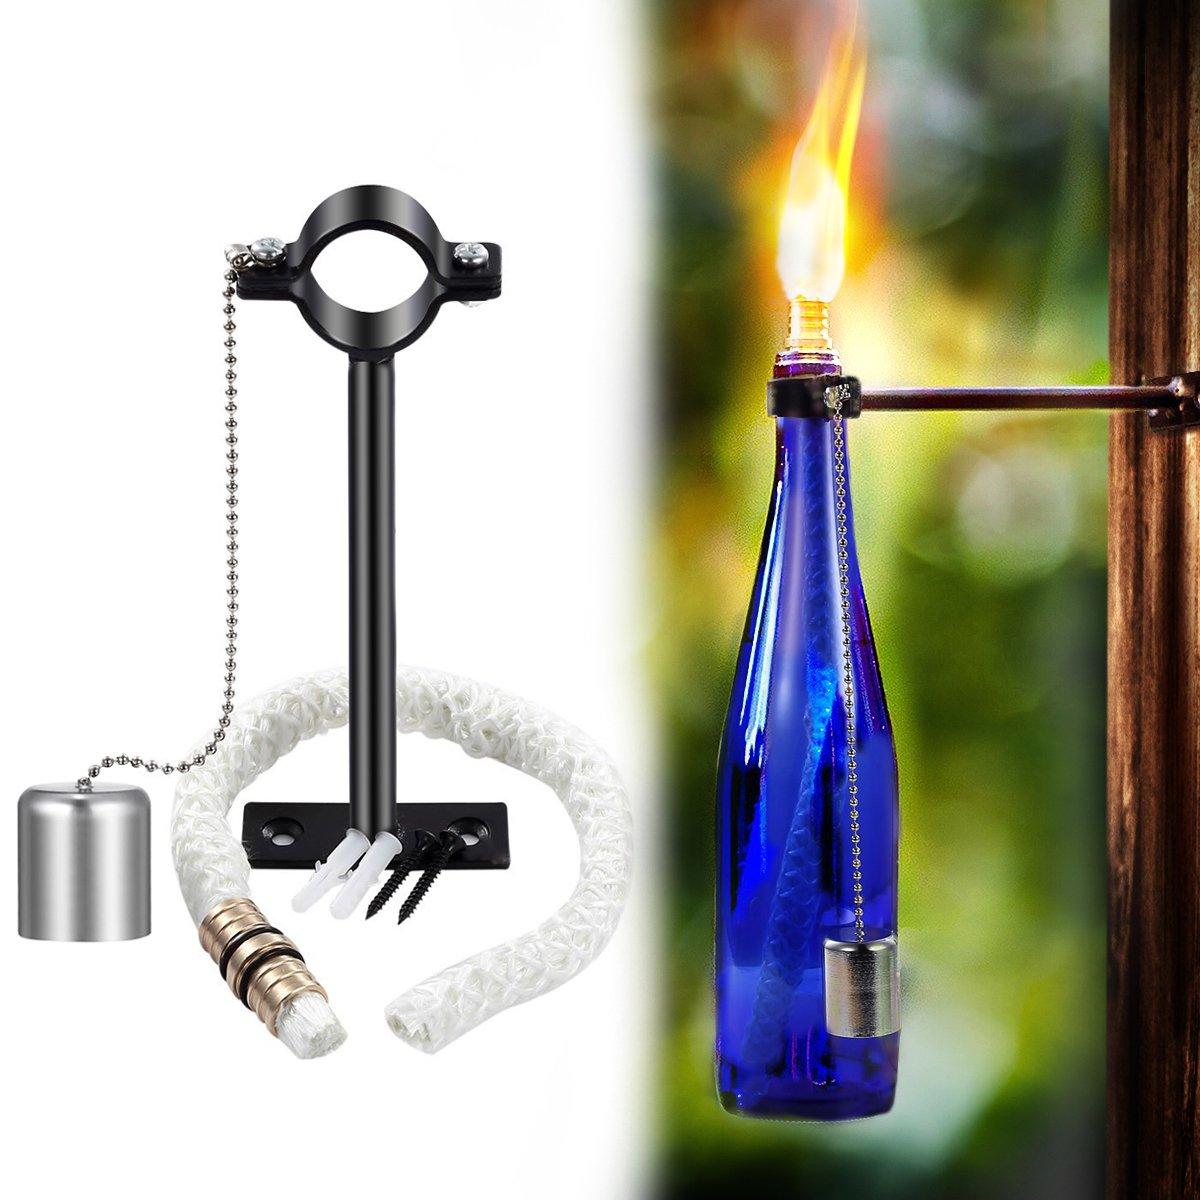 Wine Bottle Tiki Torch,Bottle Torch,DIY Home Decor Kit,Tiki Bar Lighting,Glass Bottle Light for Wine Bottles